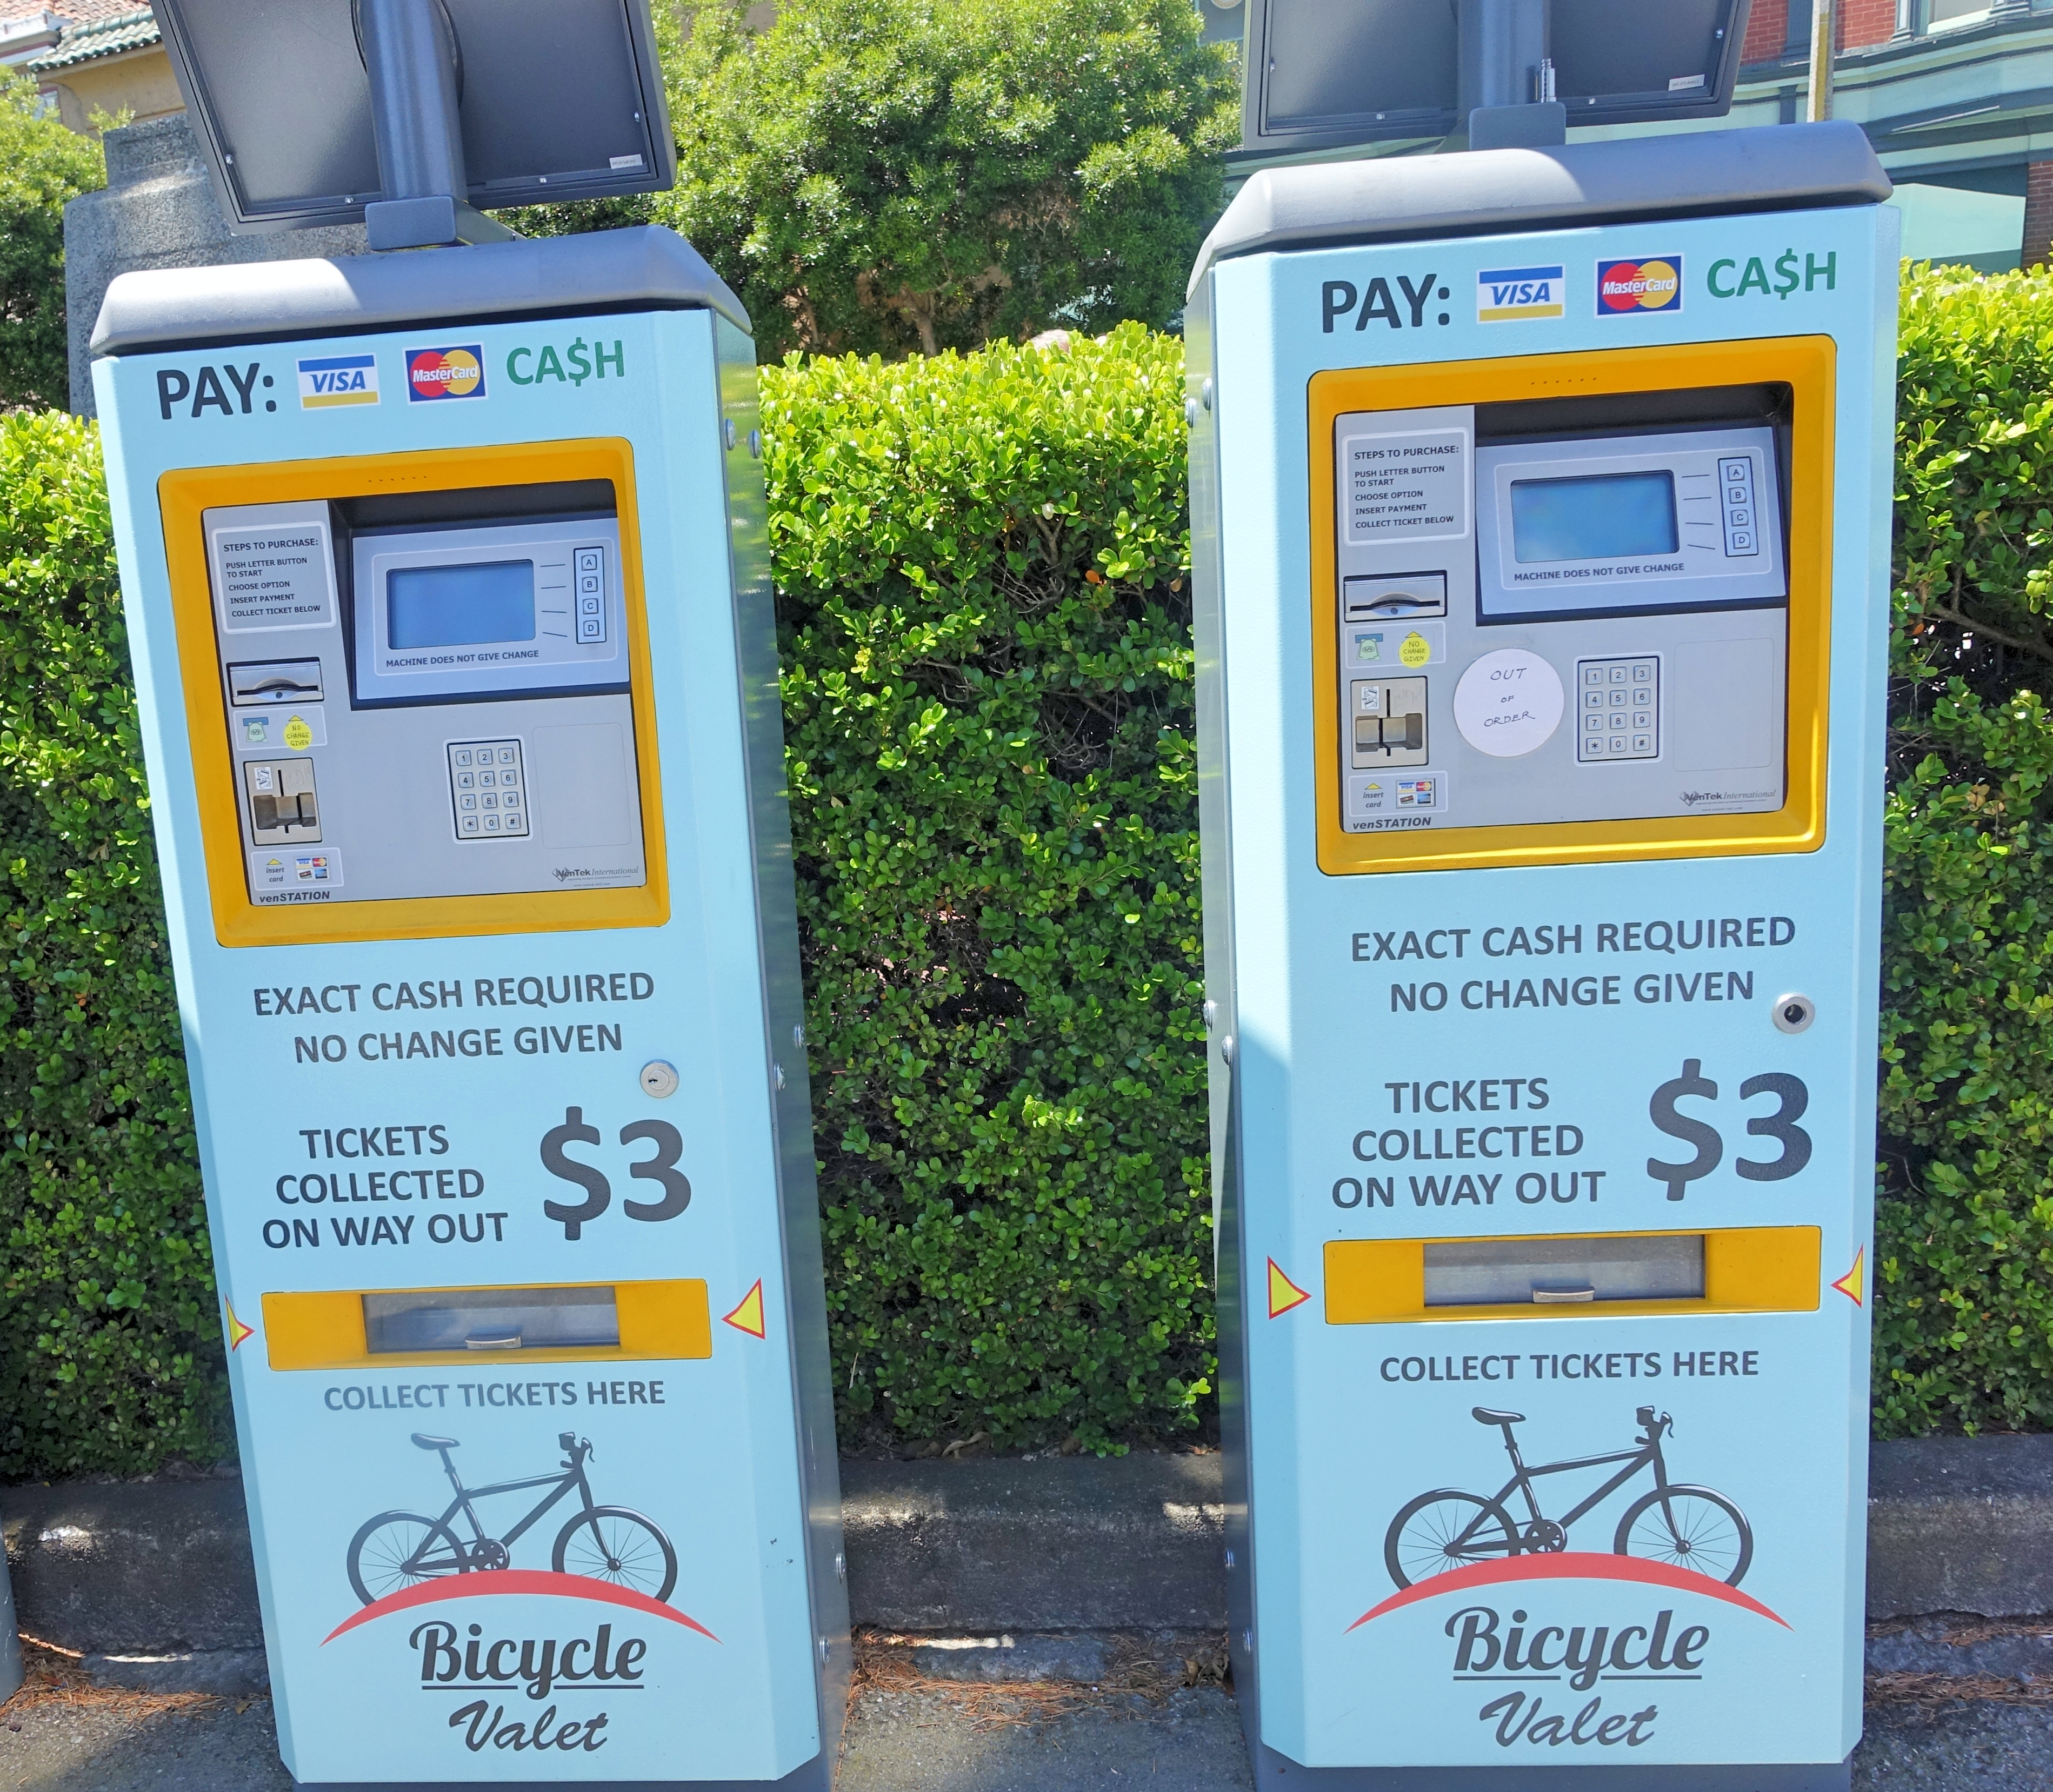 Só $3 para estacionar o dia inteiro. A máquina não dá troco. Tenha em mãos moedas ou notas de $ 1.